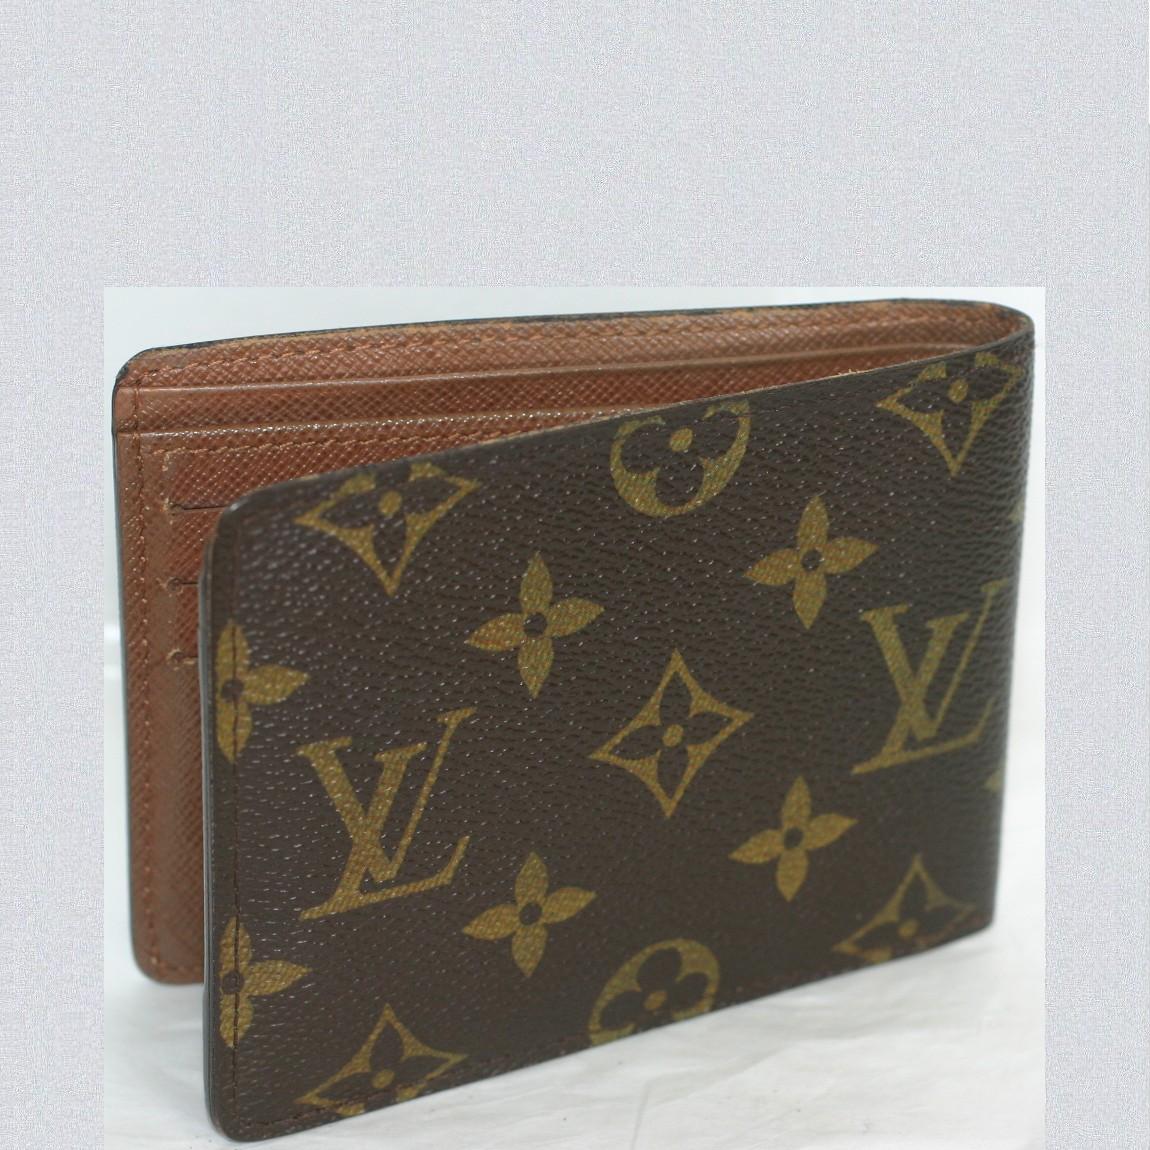 【中古】本物綺麗L/Vモノグラム柄紳士用2つ折り財布ミュルティプルM60895 サイズW11,5H9cm